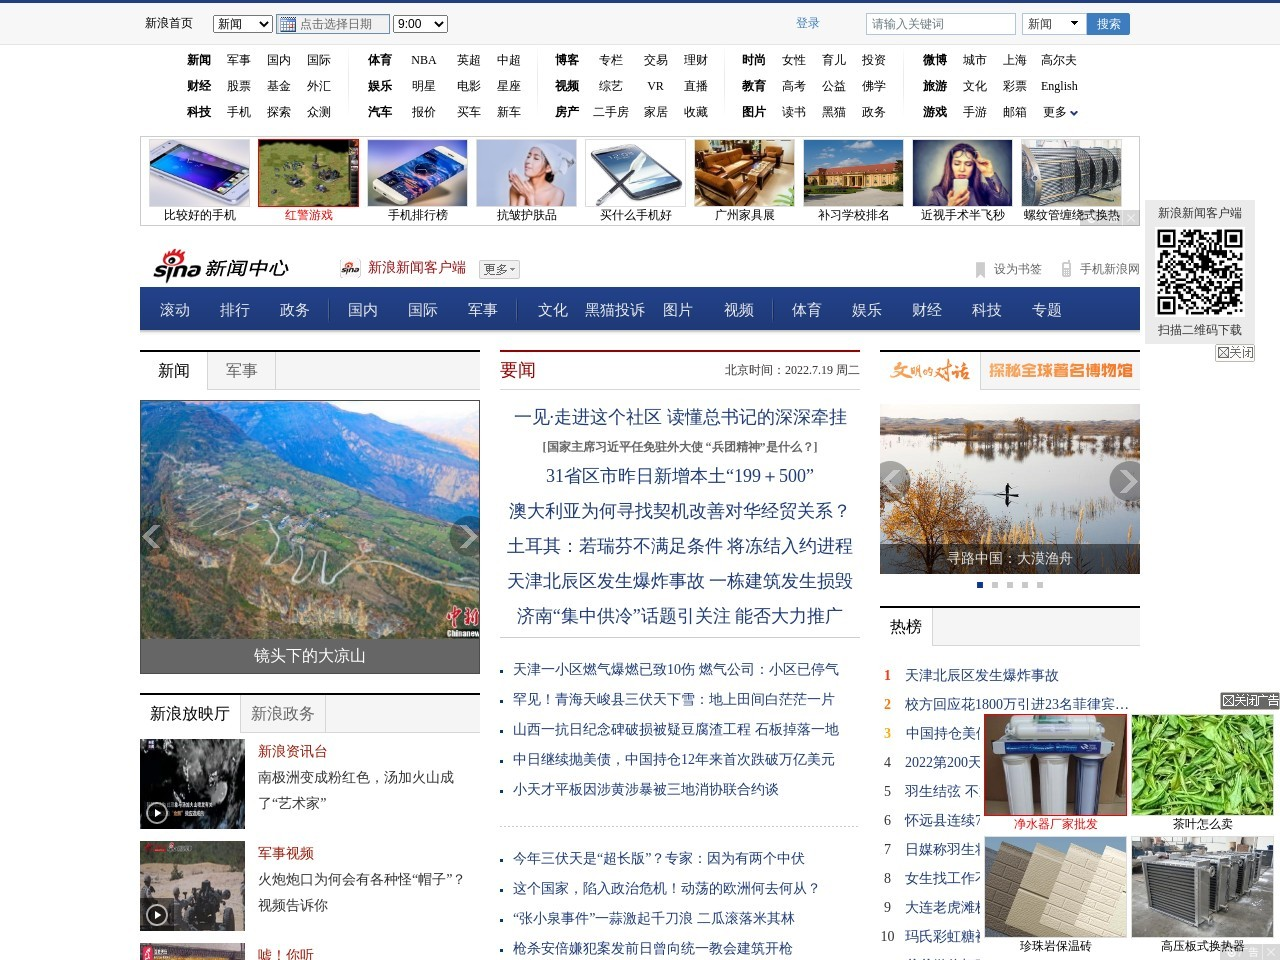 世卫报告:华南海鲜市场在疫情起源中的作用尚无确切结论_新浪新闻